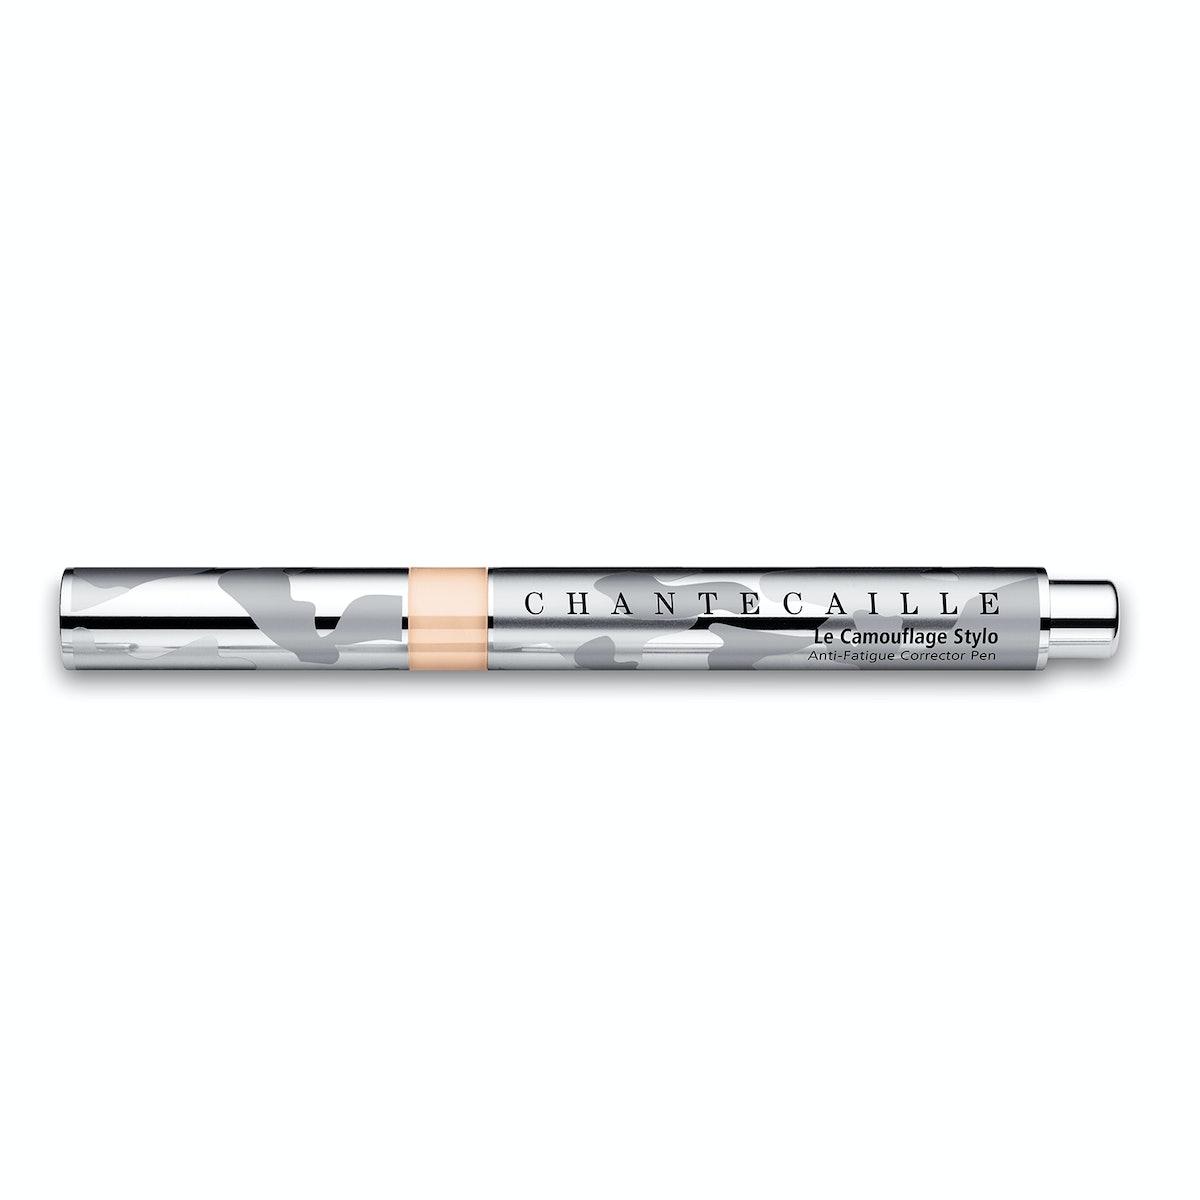 Chantecaille Le Camouflage Stylo Anti-Fatigue Corrector Pen